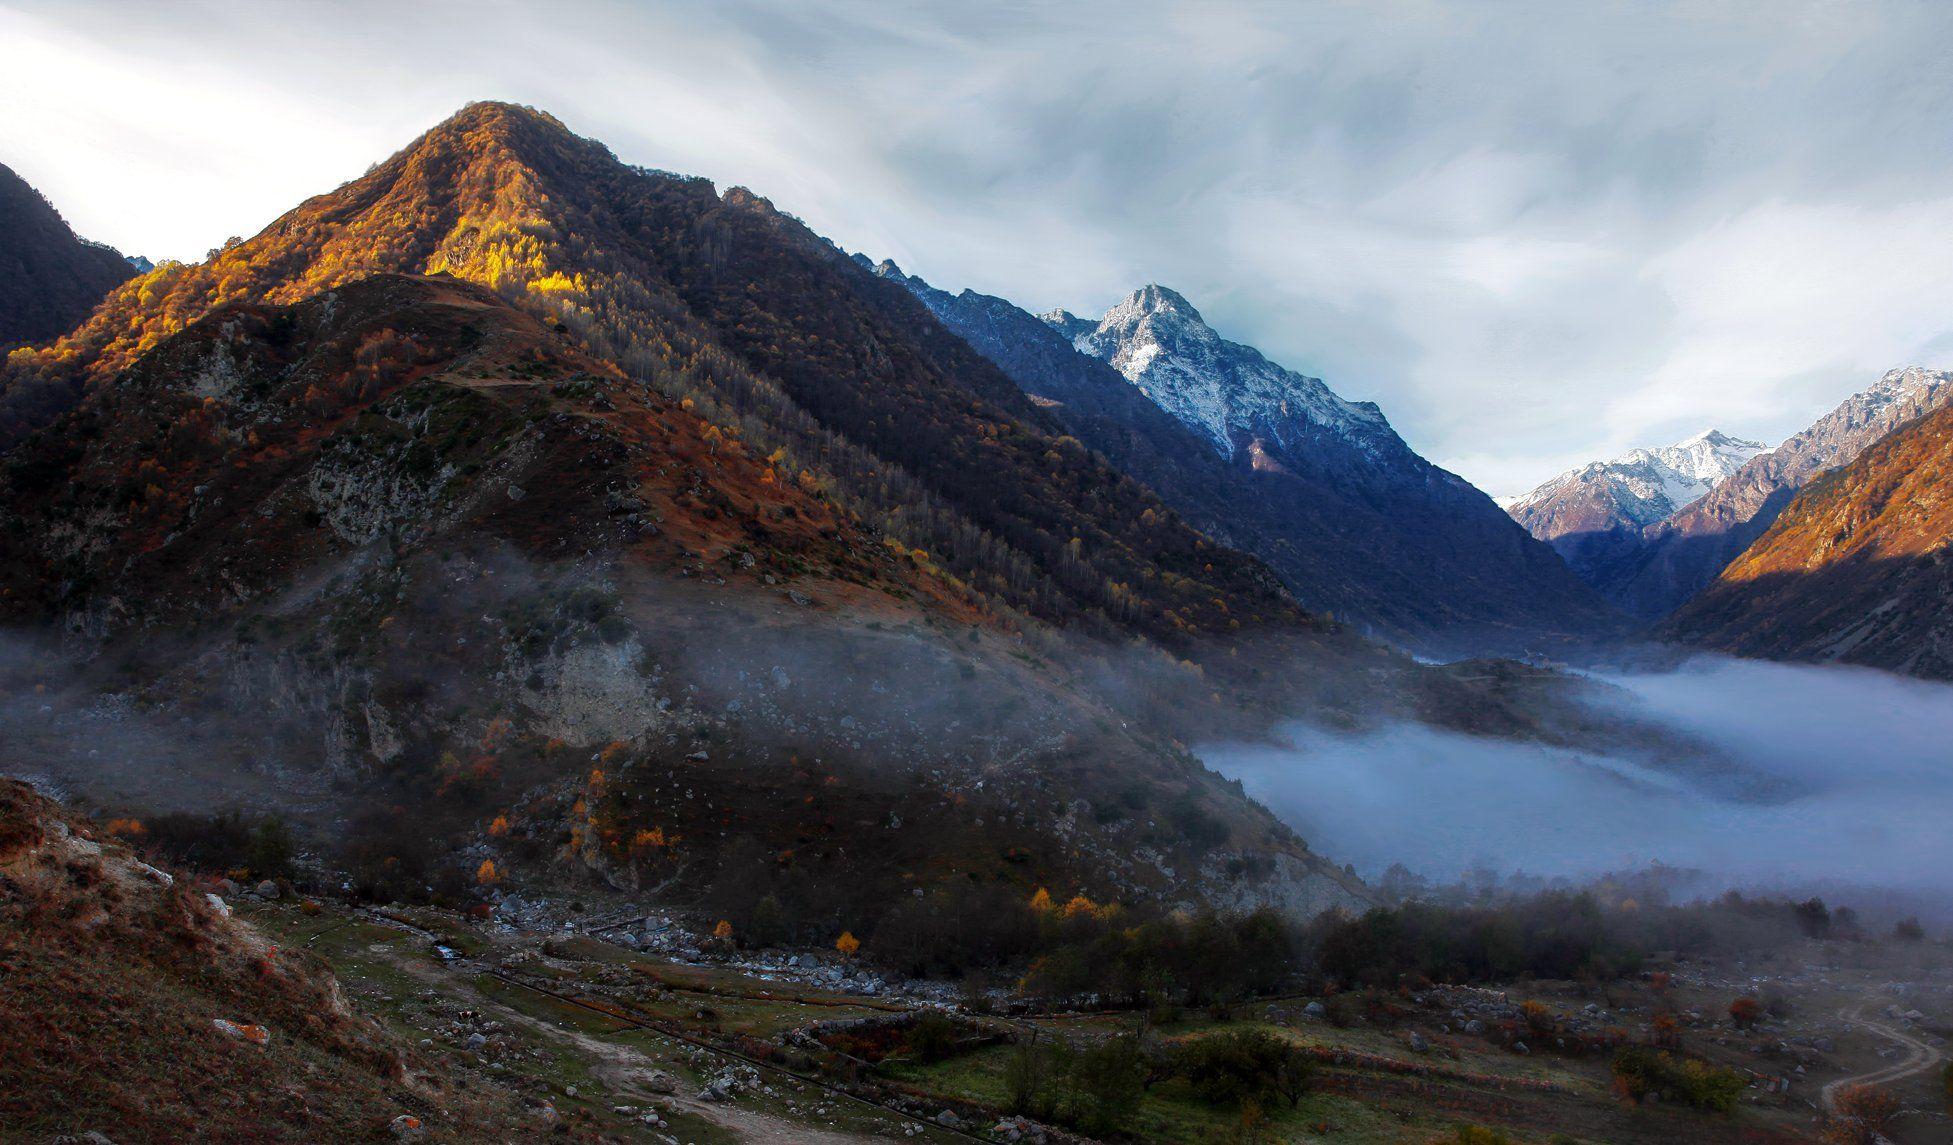 черекское ущелье,балкария,верхняя балкария,кабардино балкария,, Magov Marat